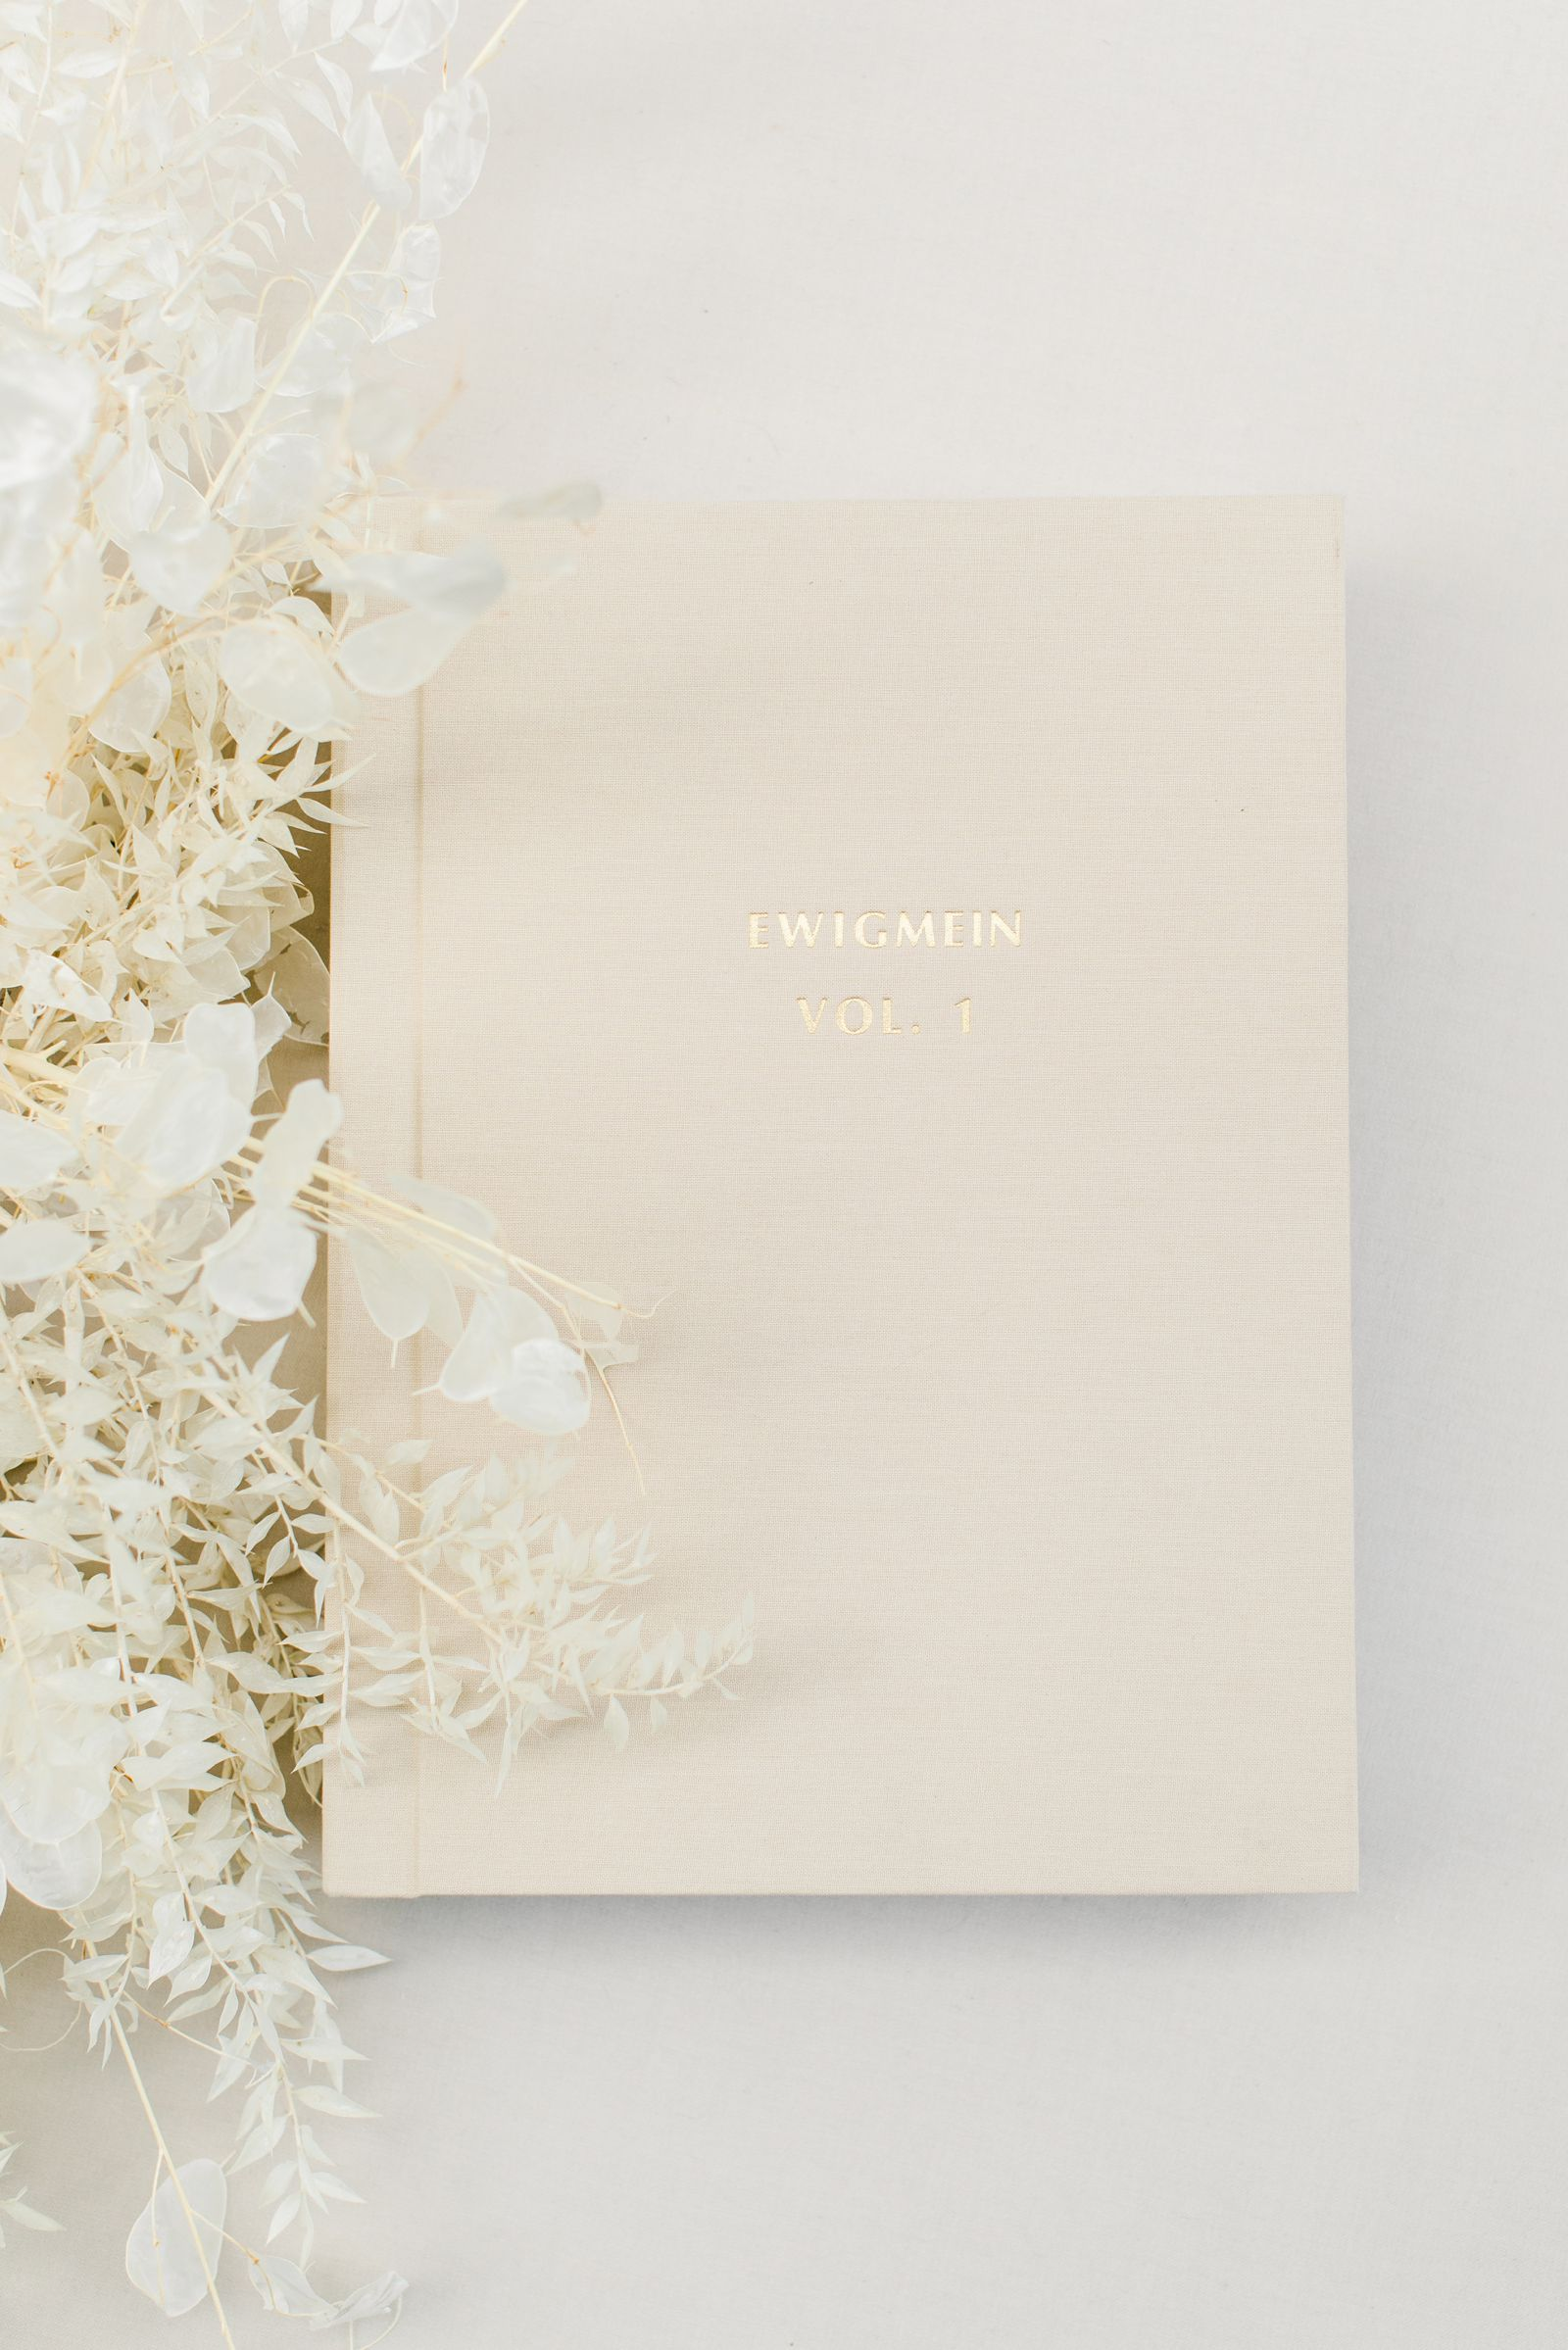 Ewigmein-Fine-Art-Hochzeitsfotografie-Hochzeitsalbum-edel-goldene-prägung-hochwertig-leinenstoff_5461